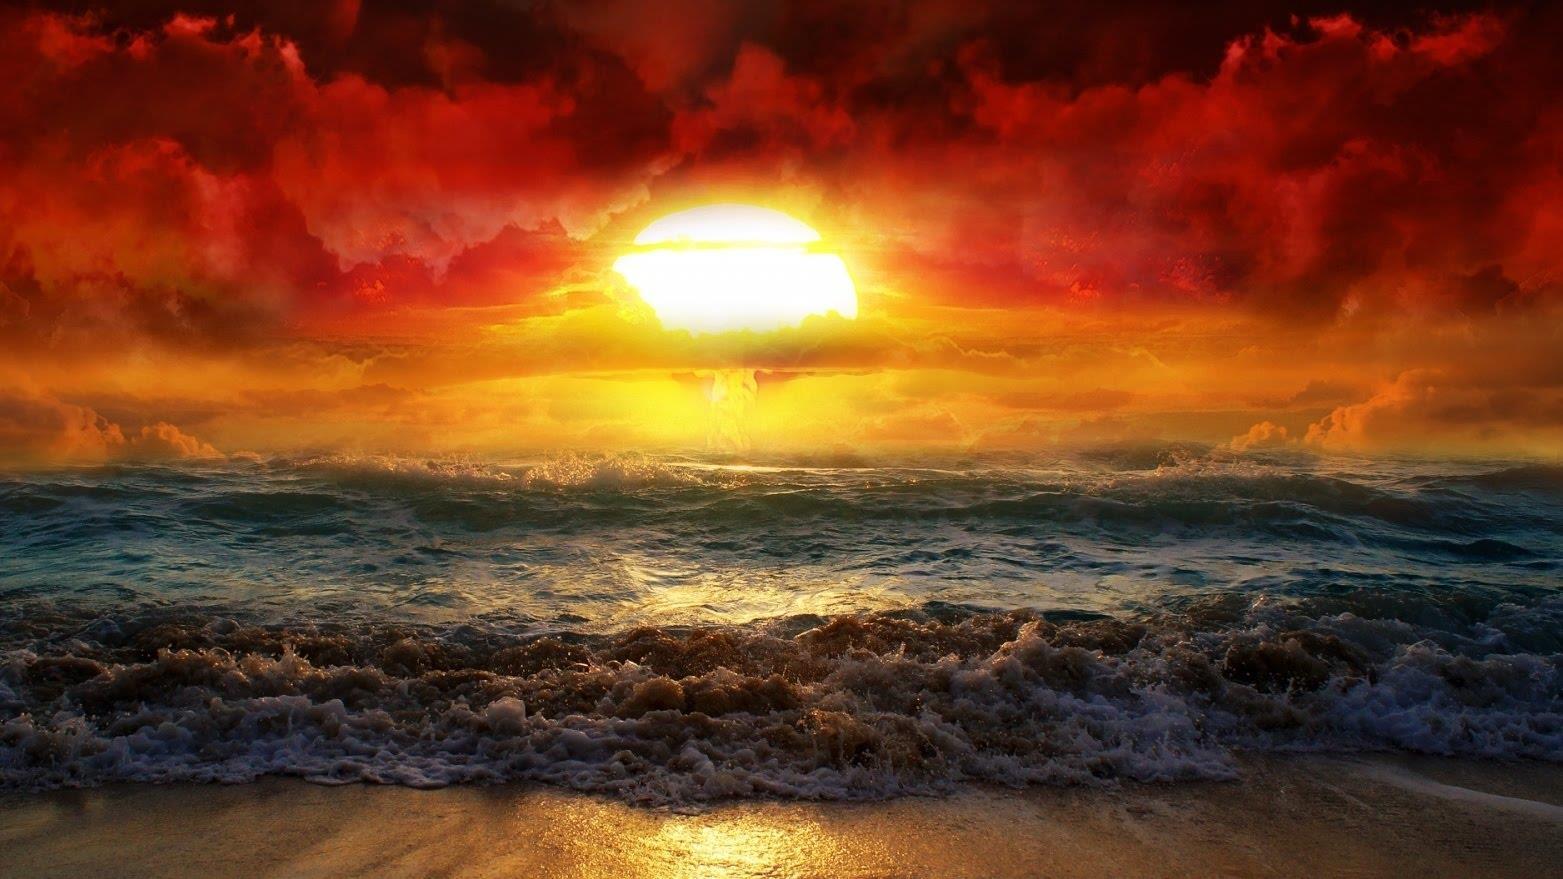 Il mare all'alba - Sfondi per PC, iPhone, Android e profilo WhatsApp da scaricare